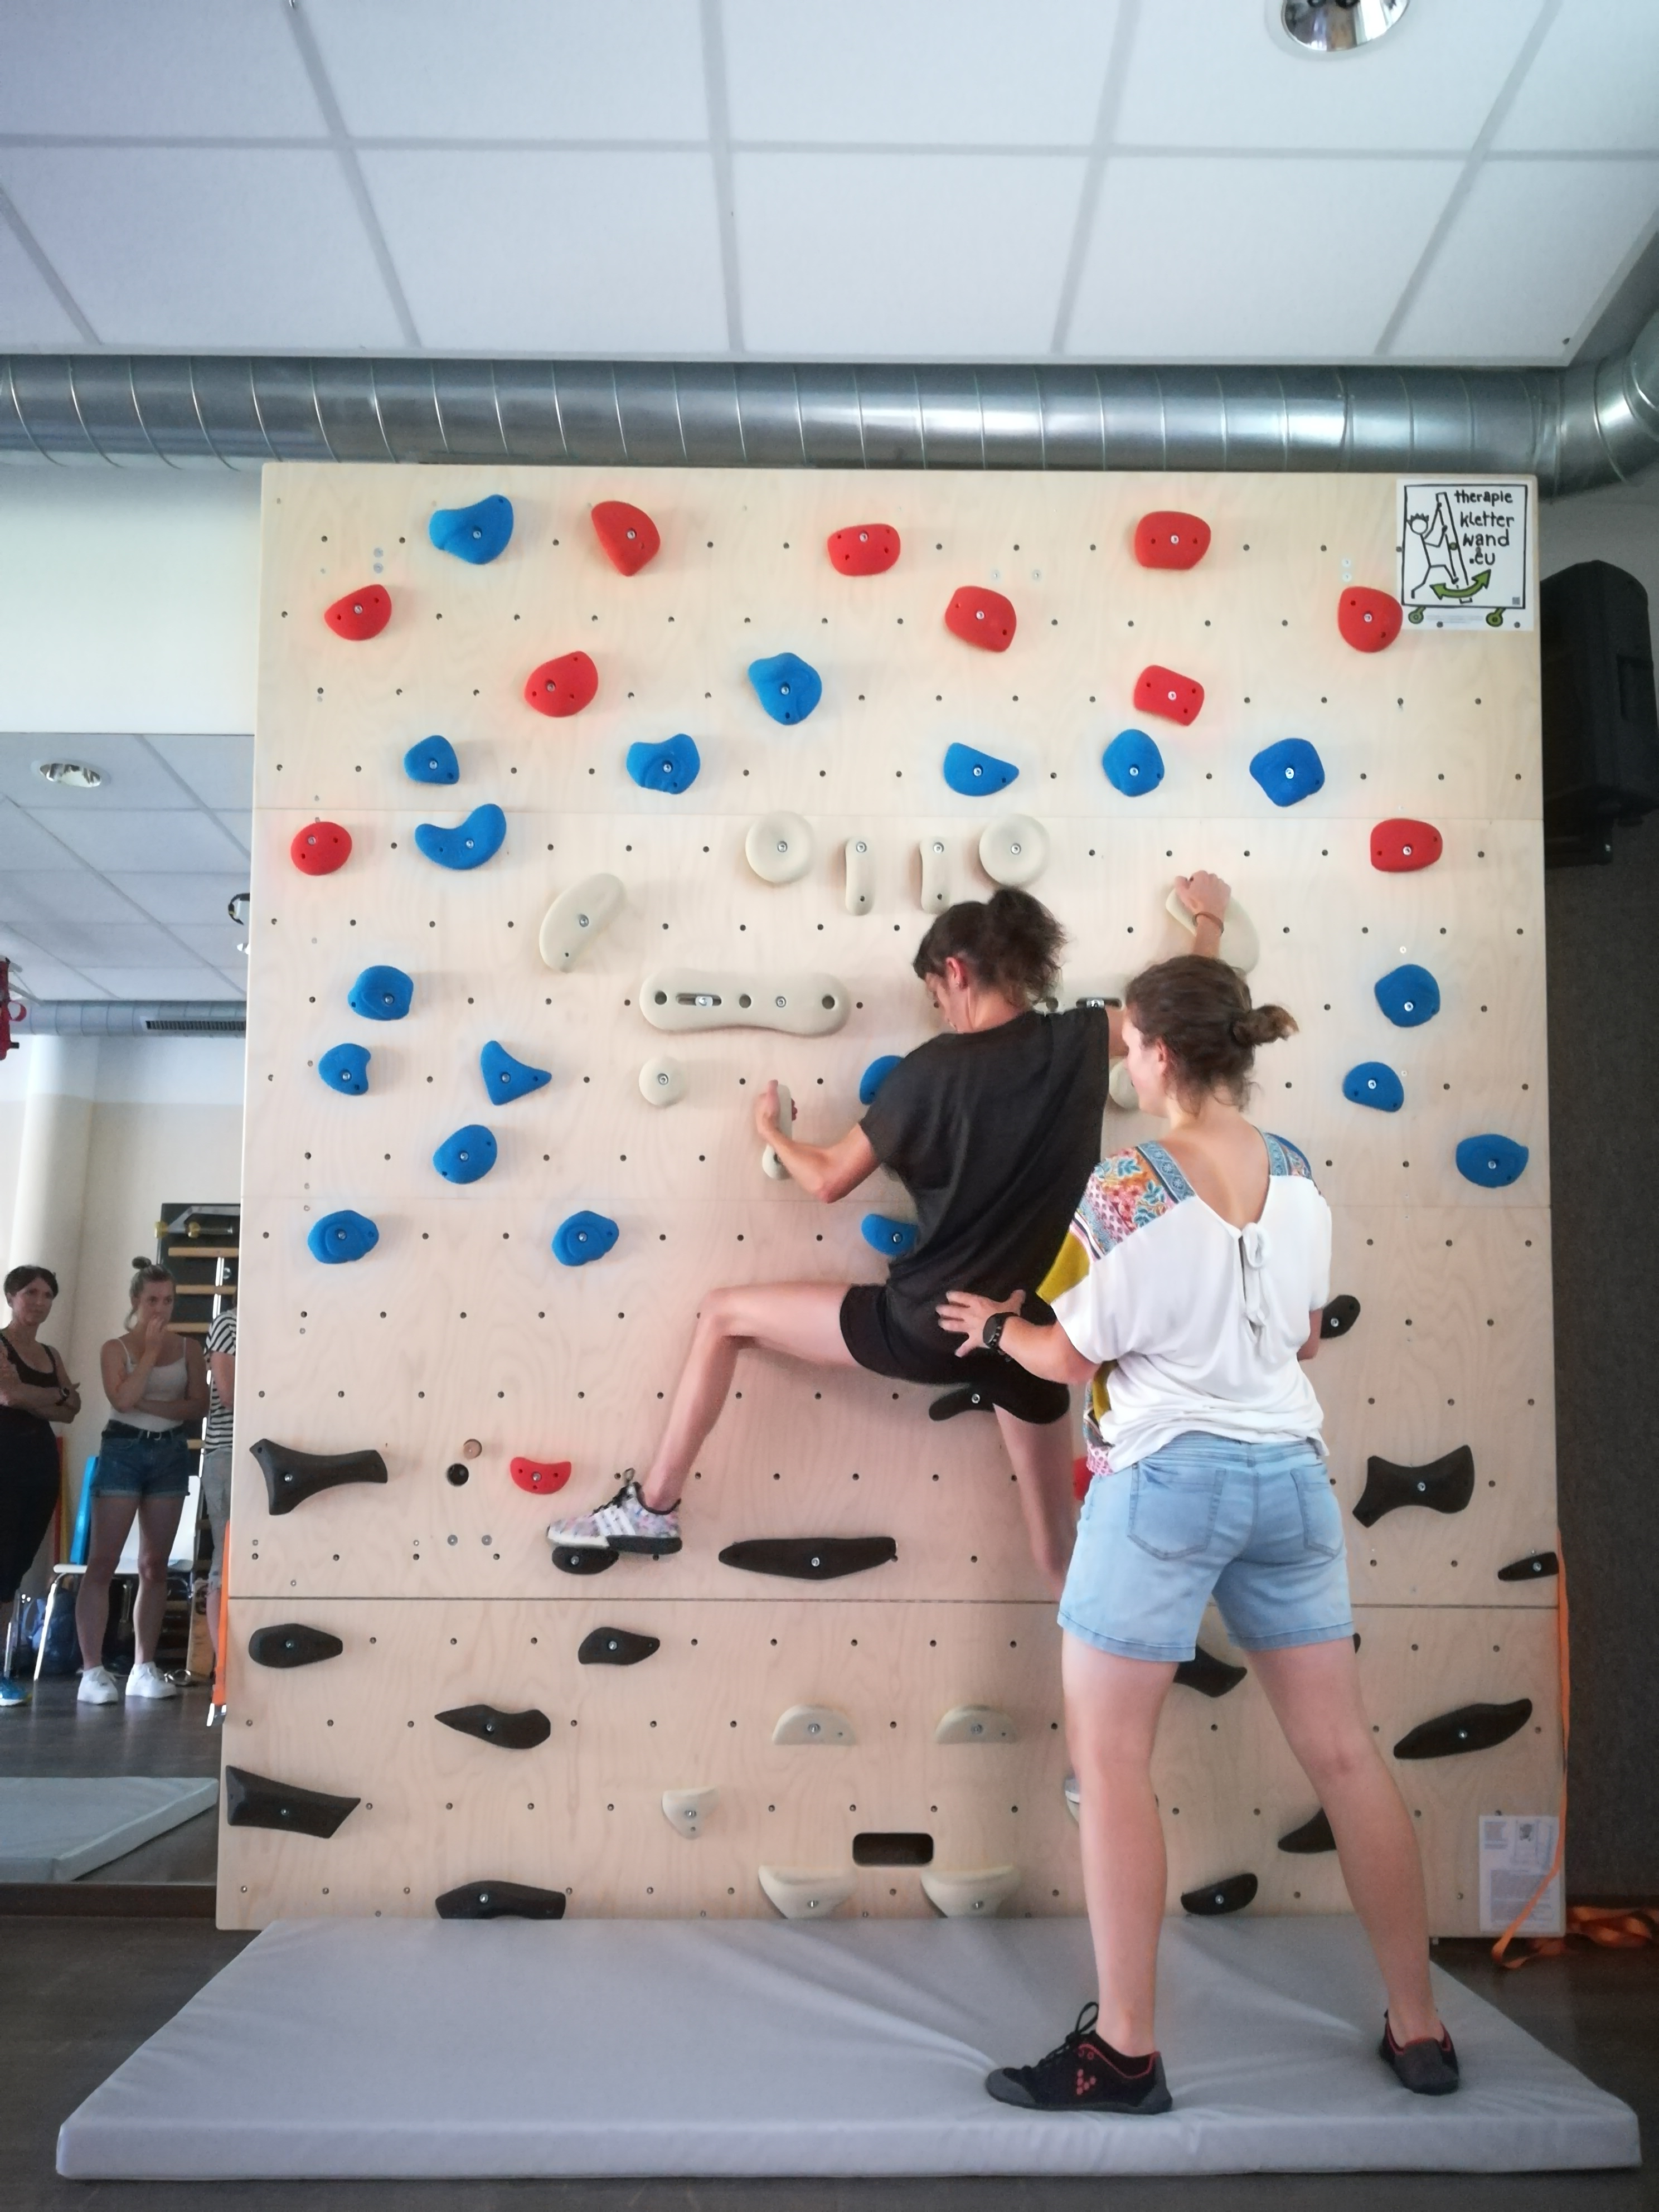 Einschulung Physios Boulderwand (2)